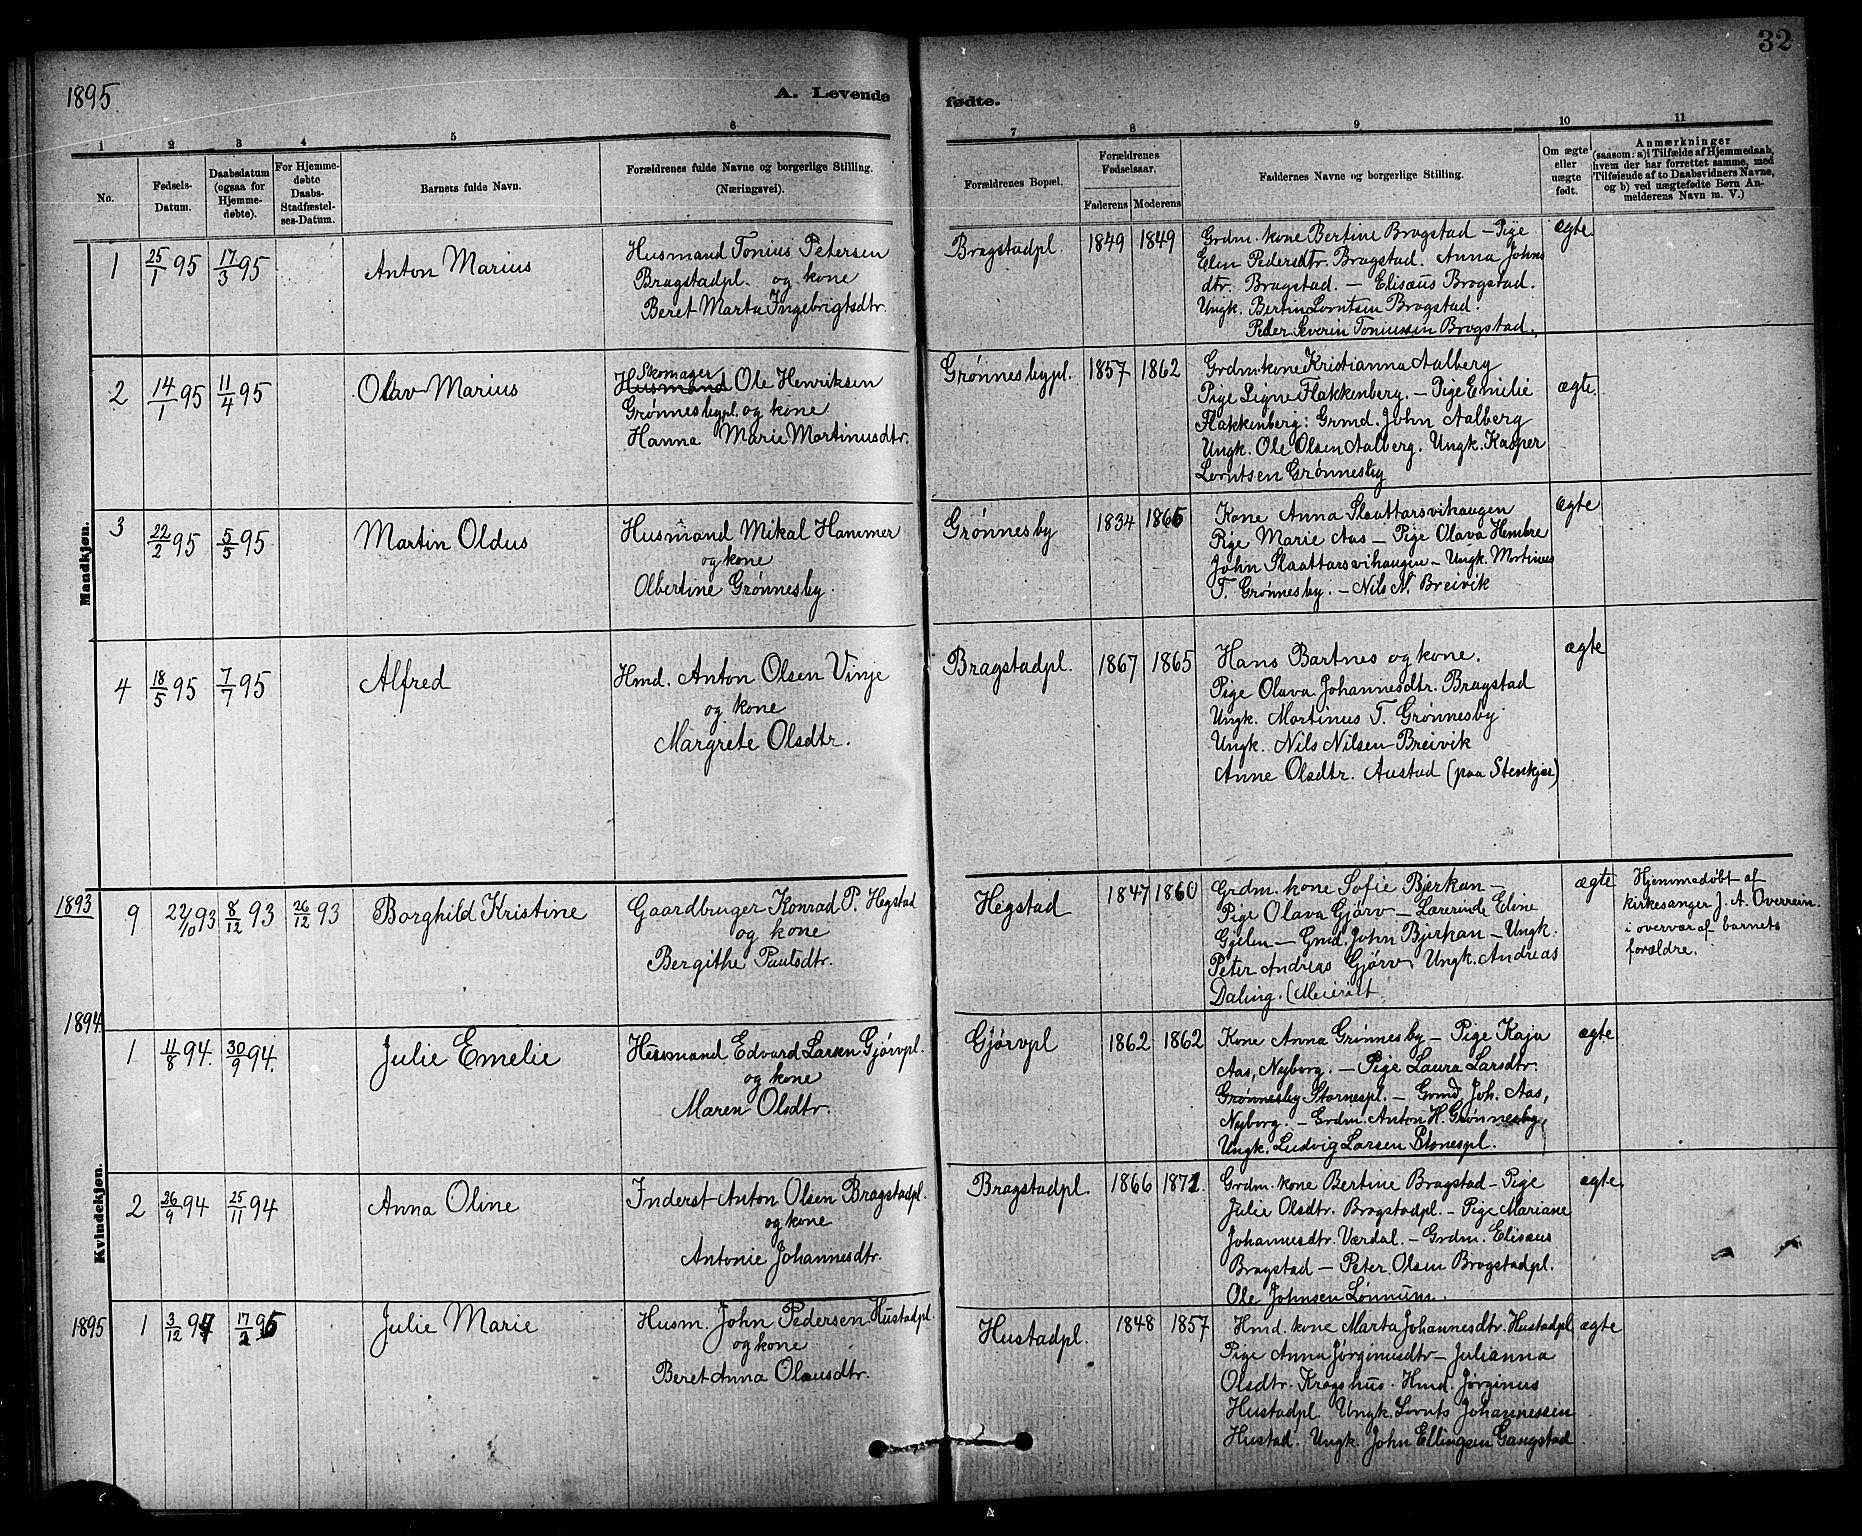 SAT, Ministerialprotokoller, klokkerbøker og fødselsregistre - Nord-Trøndelag, 732/L0318: Klokkerbok nr. 732C02, 1881-1911, s. 32